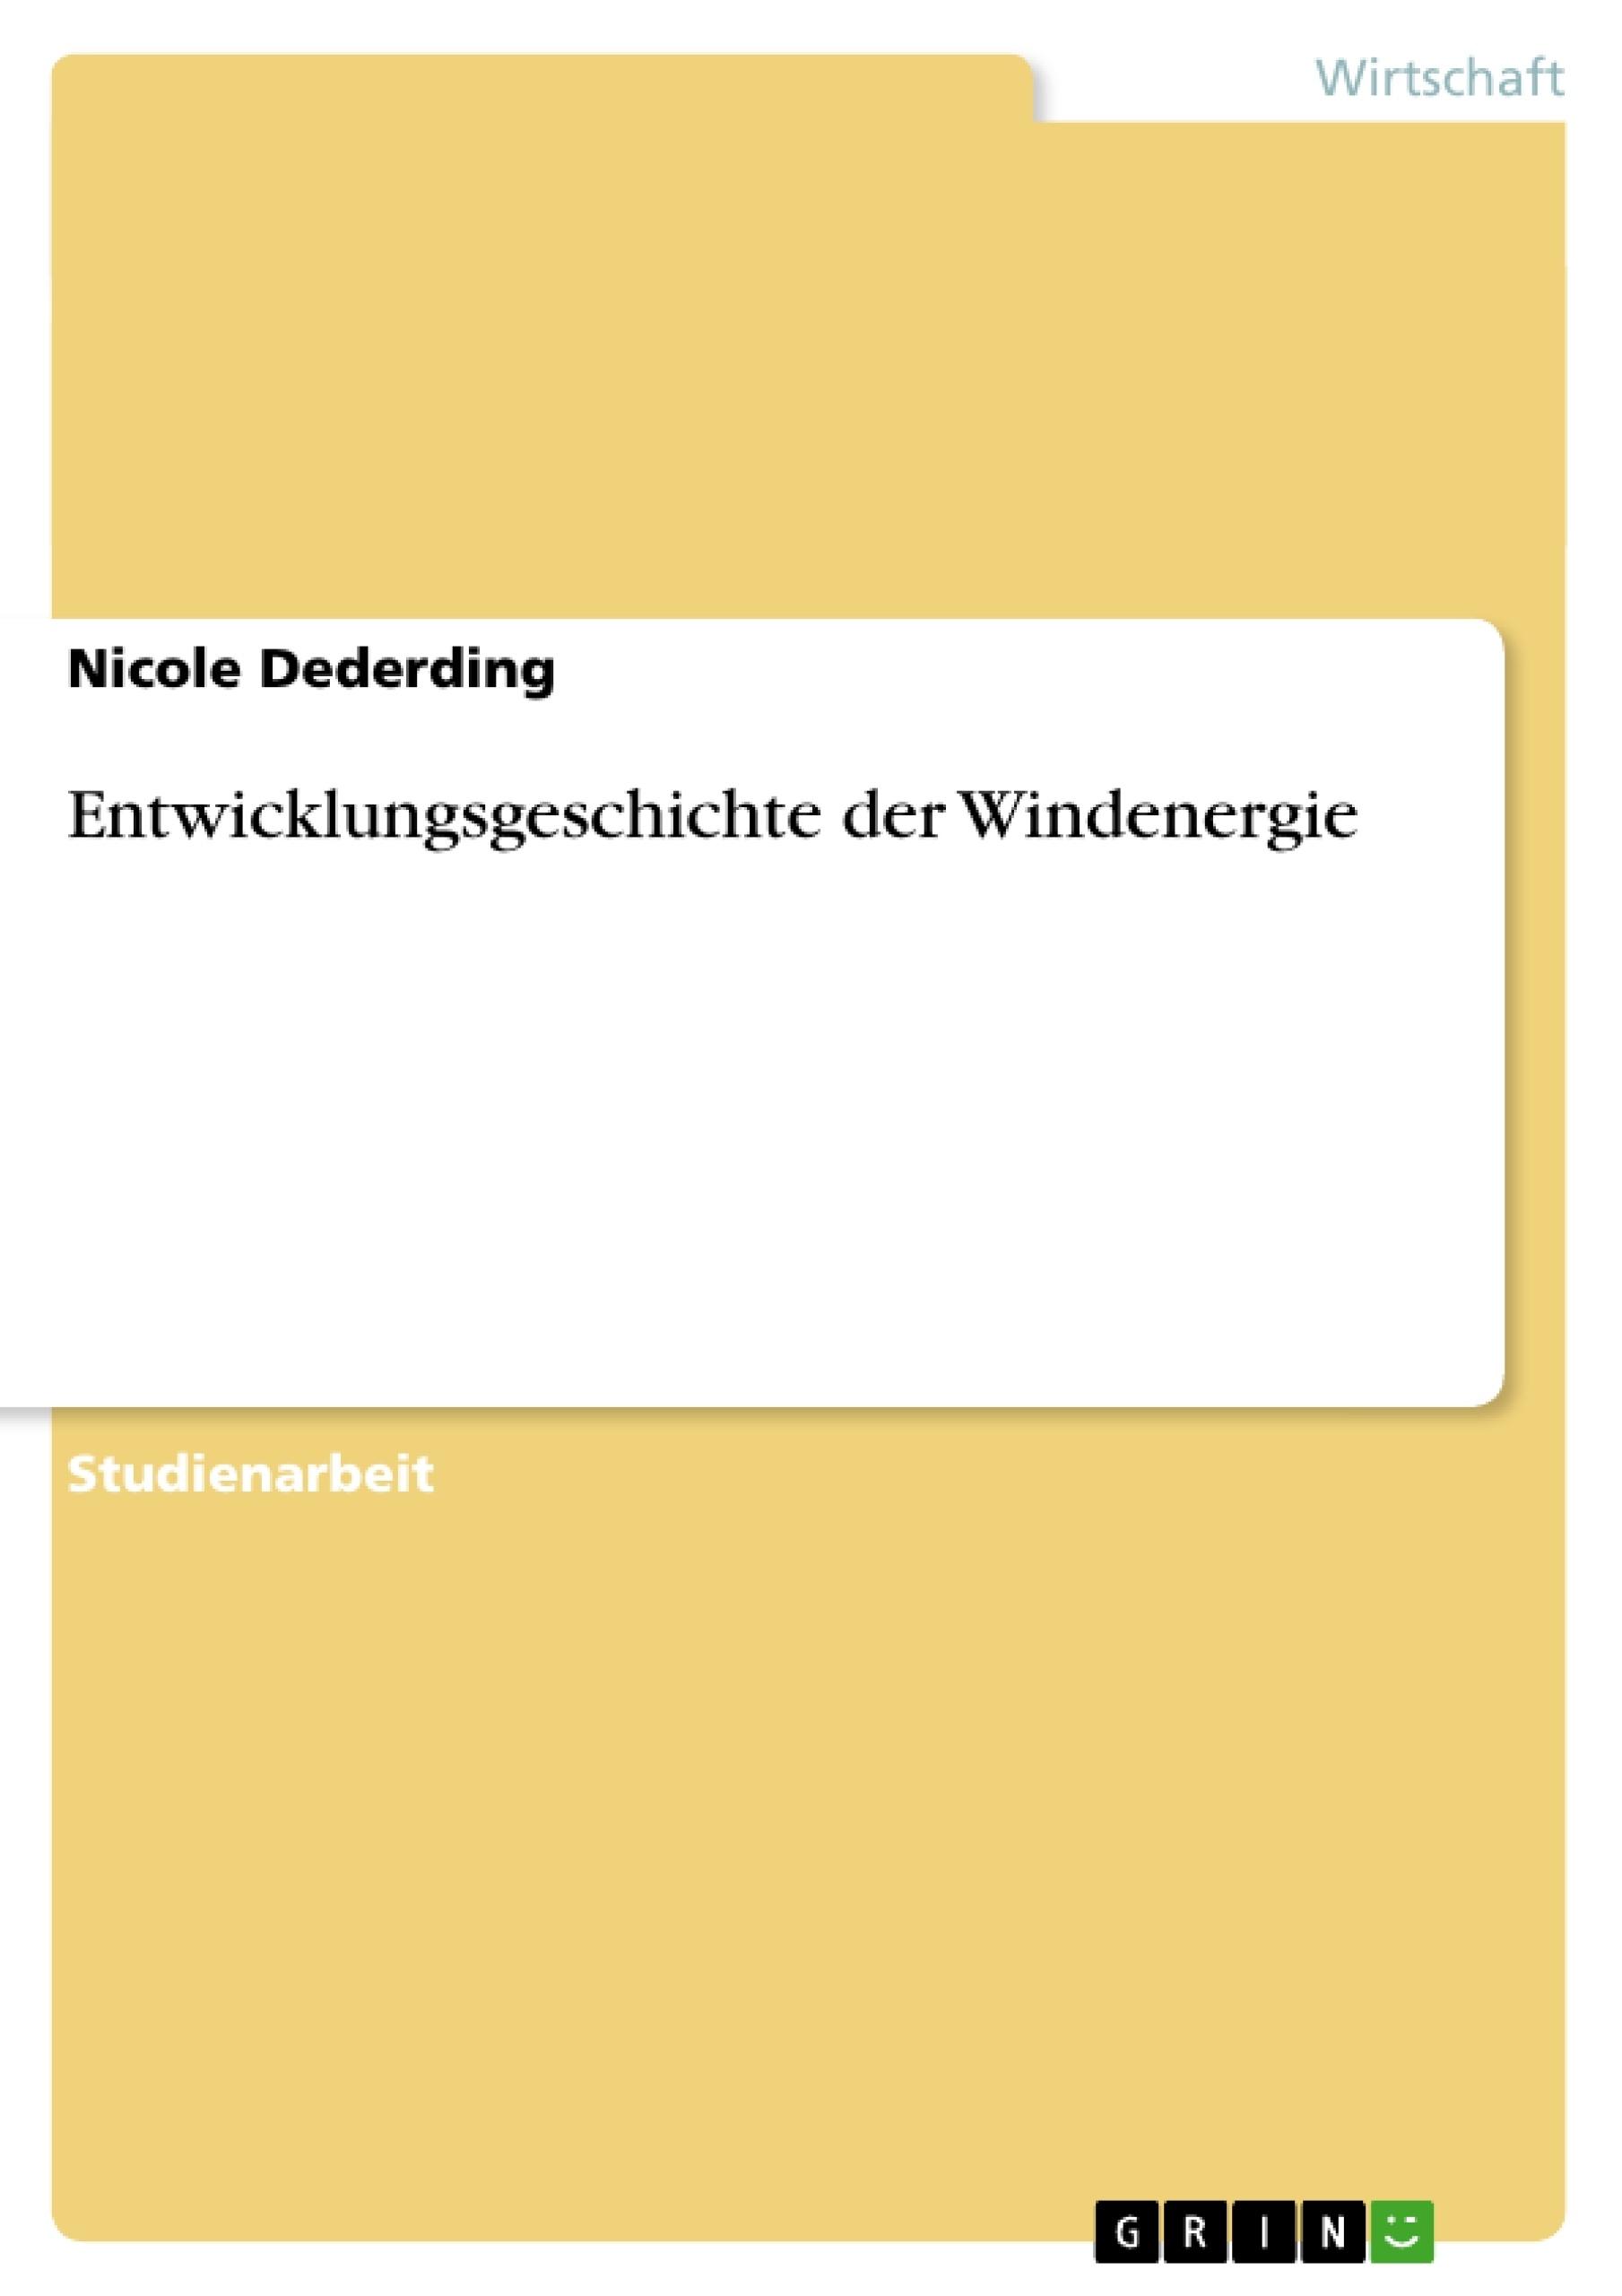 Titel: Entwicklungsgeschichte der Windenergie